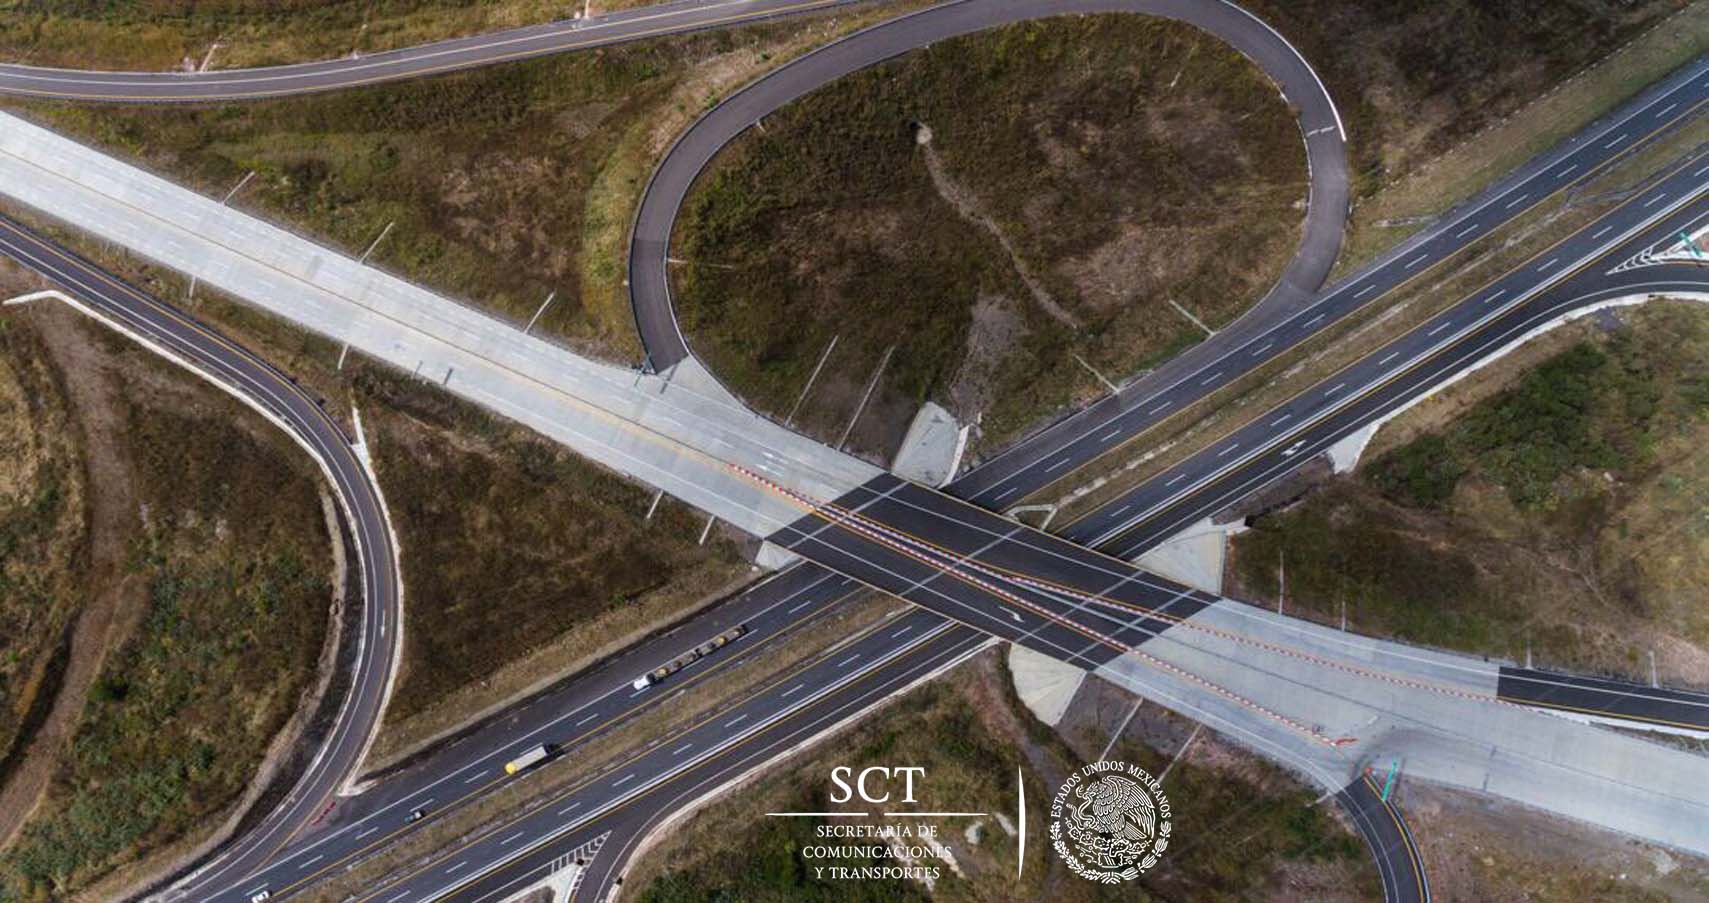 Invierte Gobierno Federal 56 mil millones de pesos en obras de Infraestructura en Jalisco: GRE